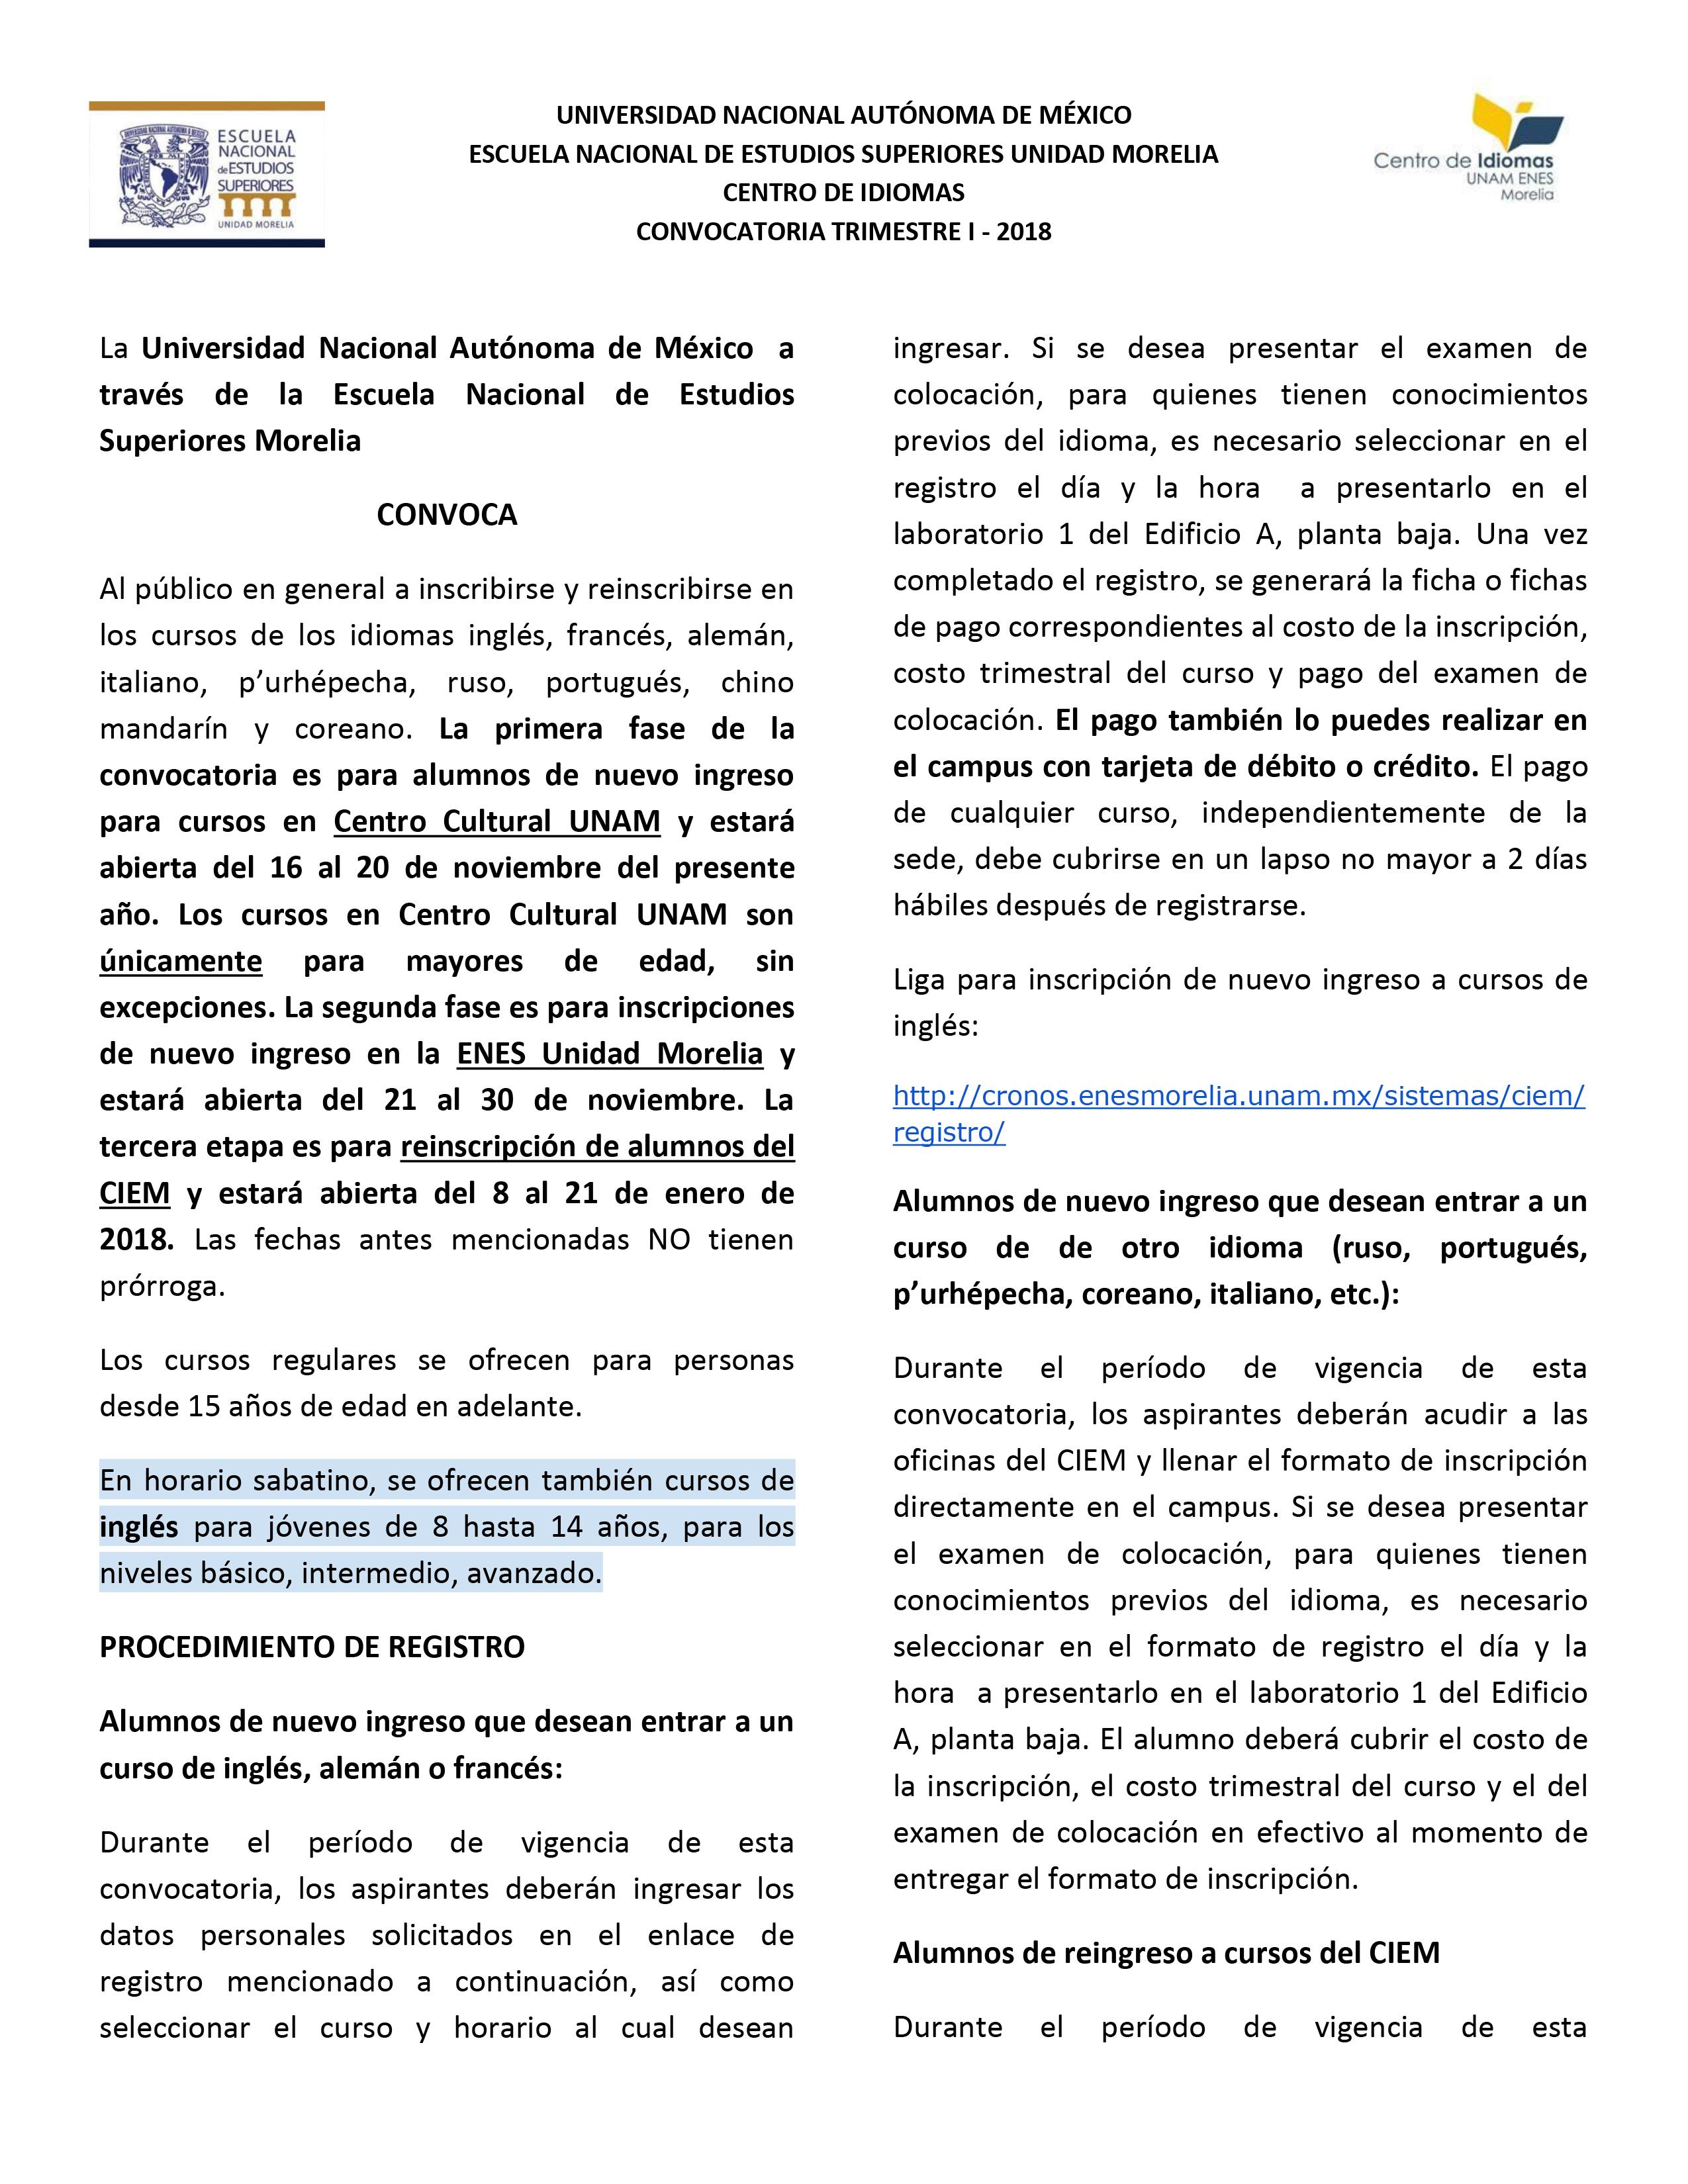 Convocatoria TrimestreI 2018-1